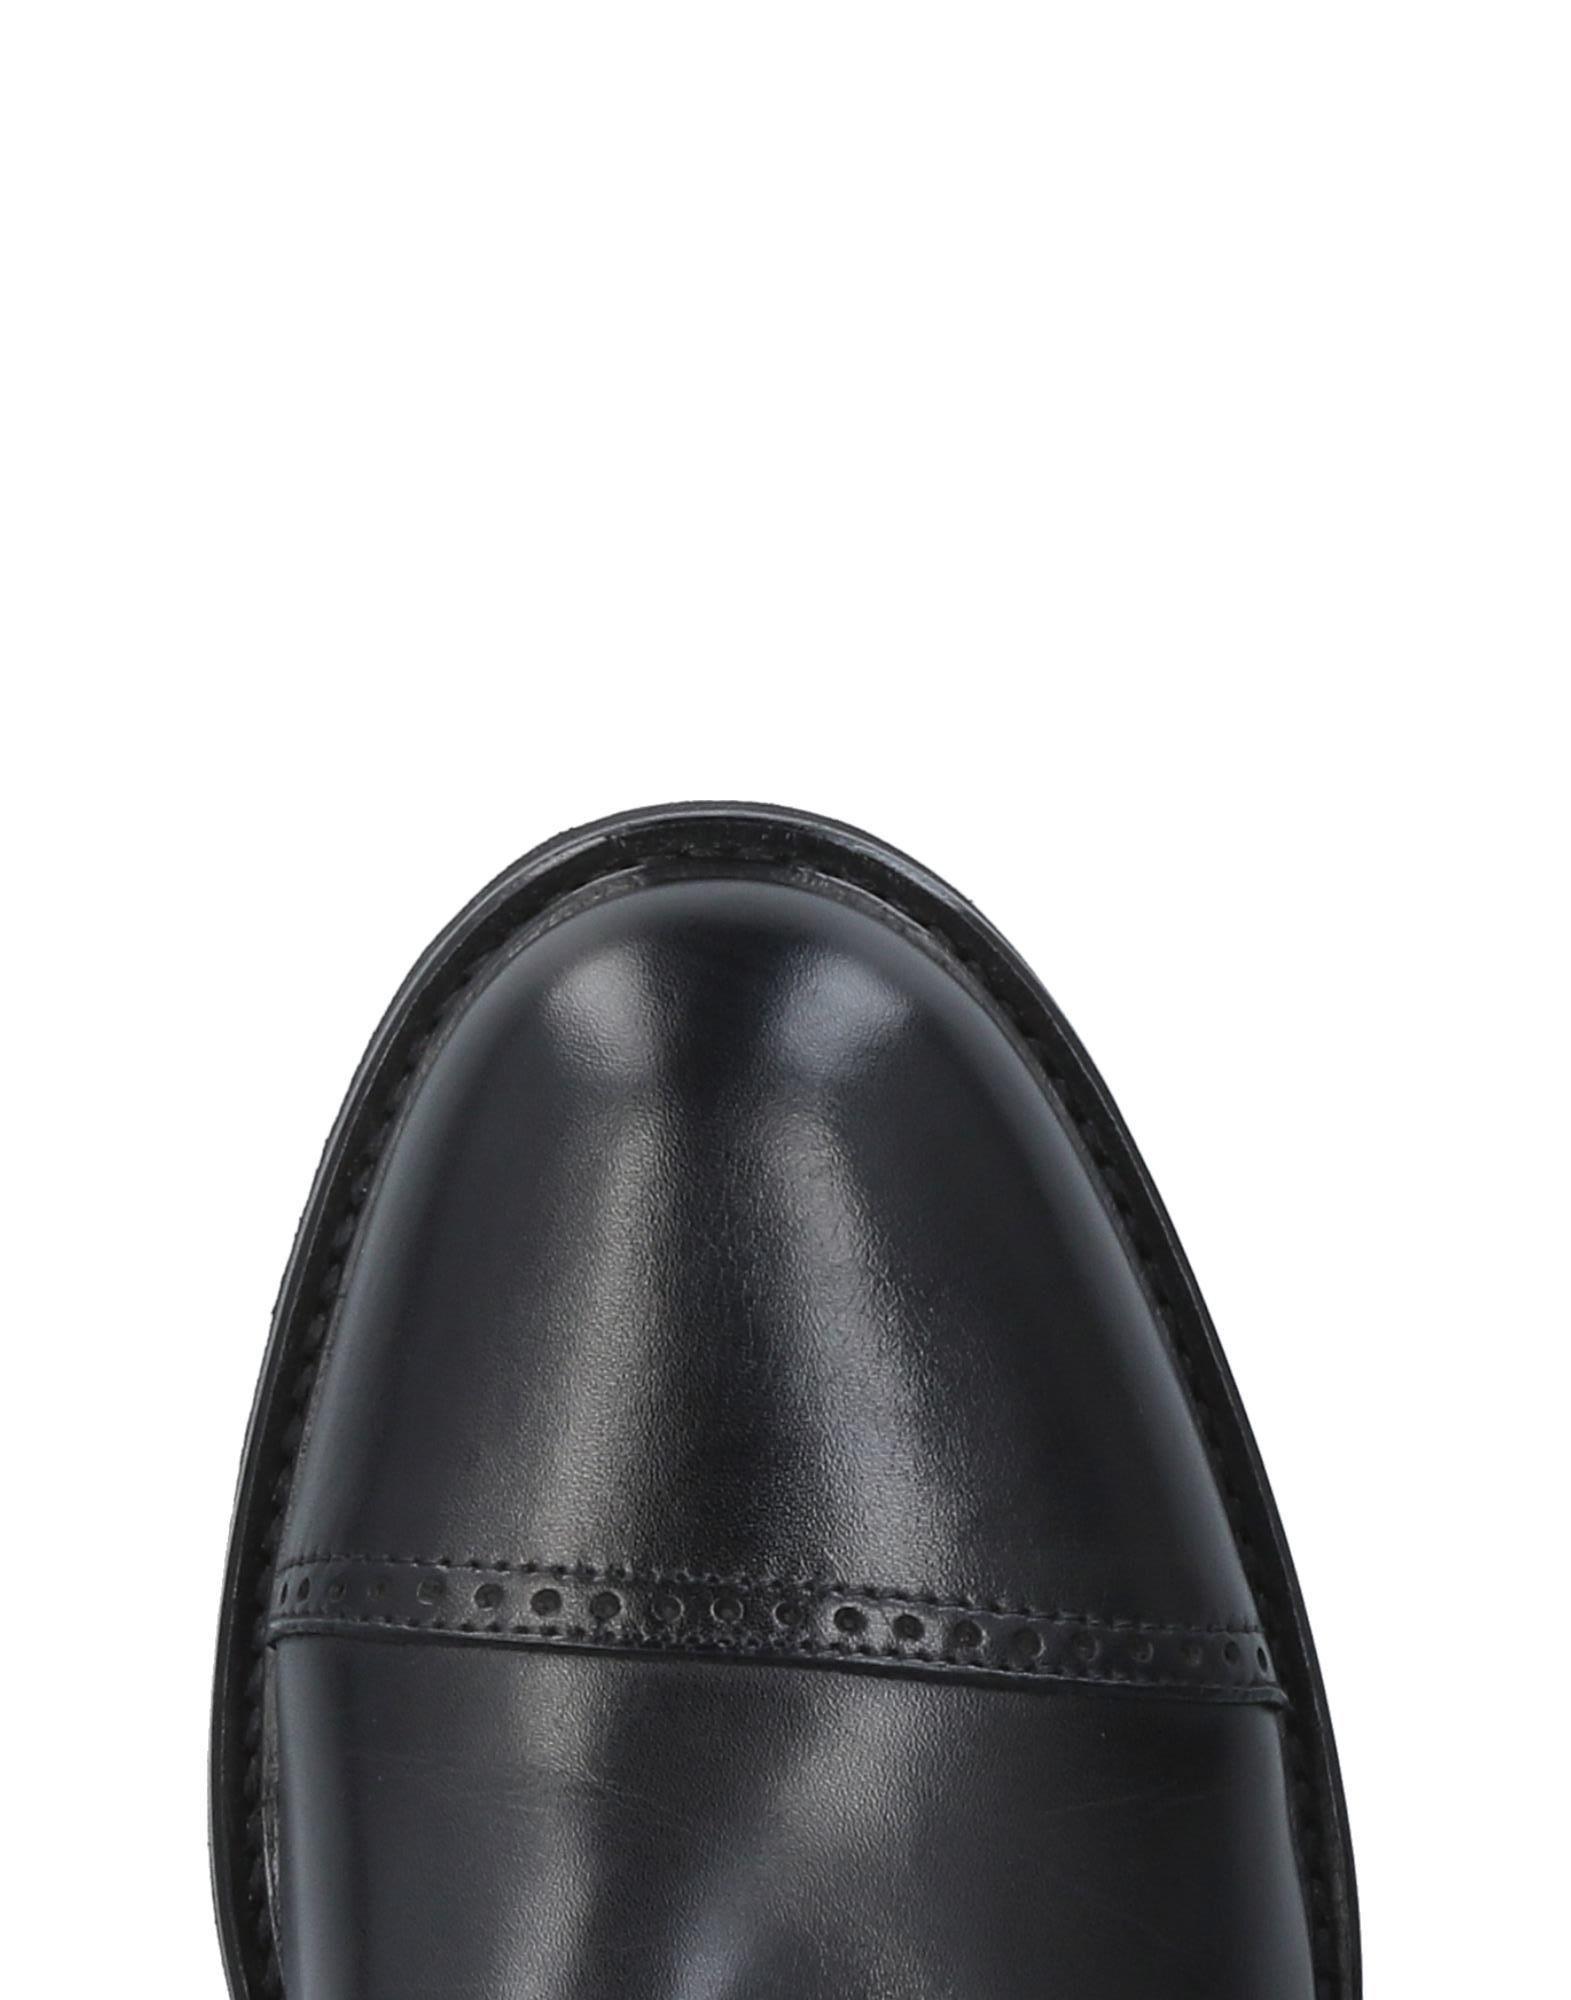 Rabatt echte Schuhe 11476087GG Ocland Schnürschuhe Herren  11476087GG Schuhe 9c88fc